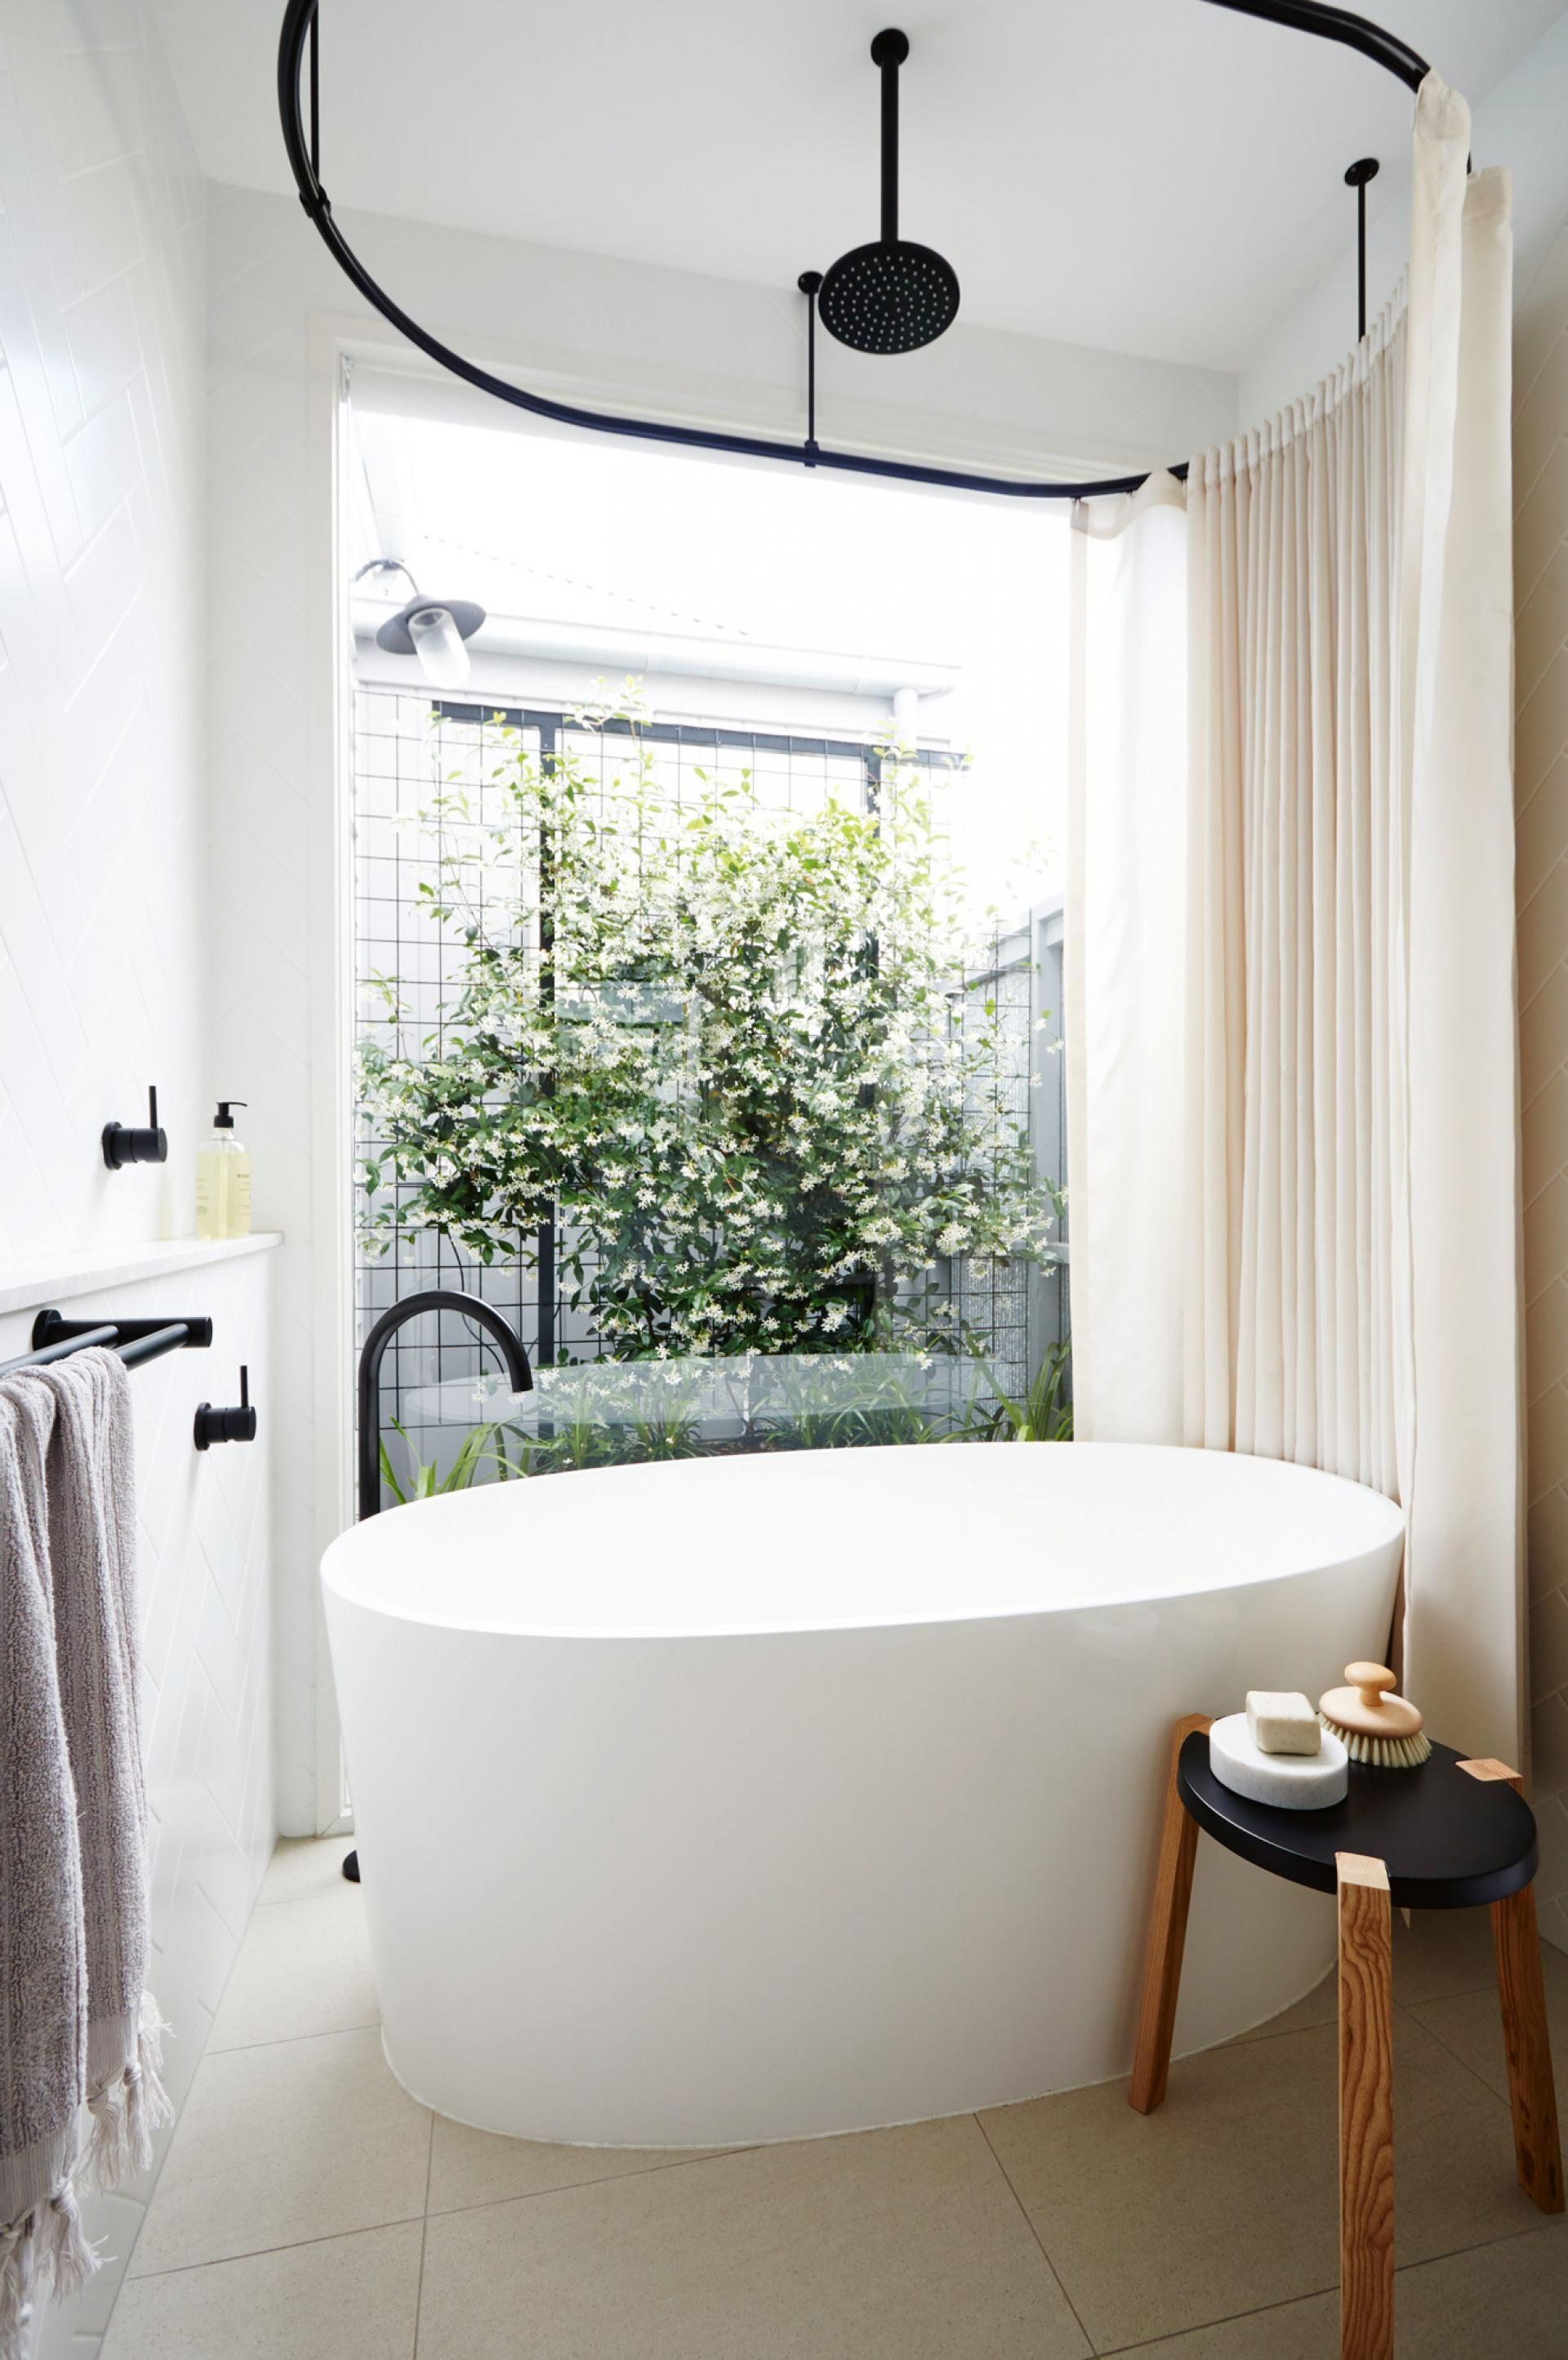 Pin Von Feli Thieme Auf Bathrooms Badezimmer Innenausstattung